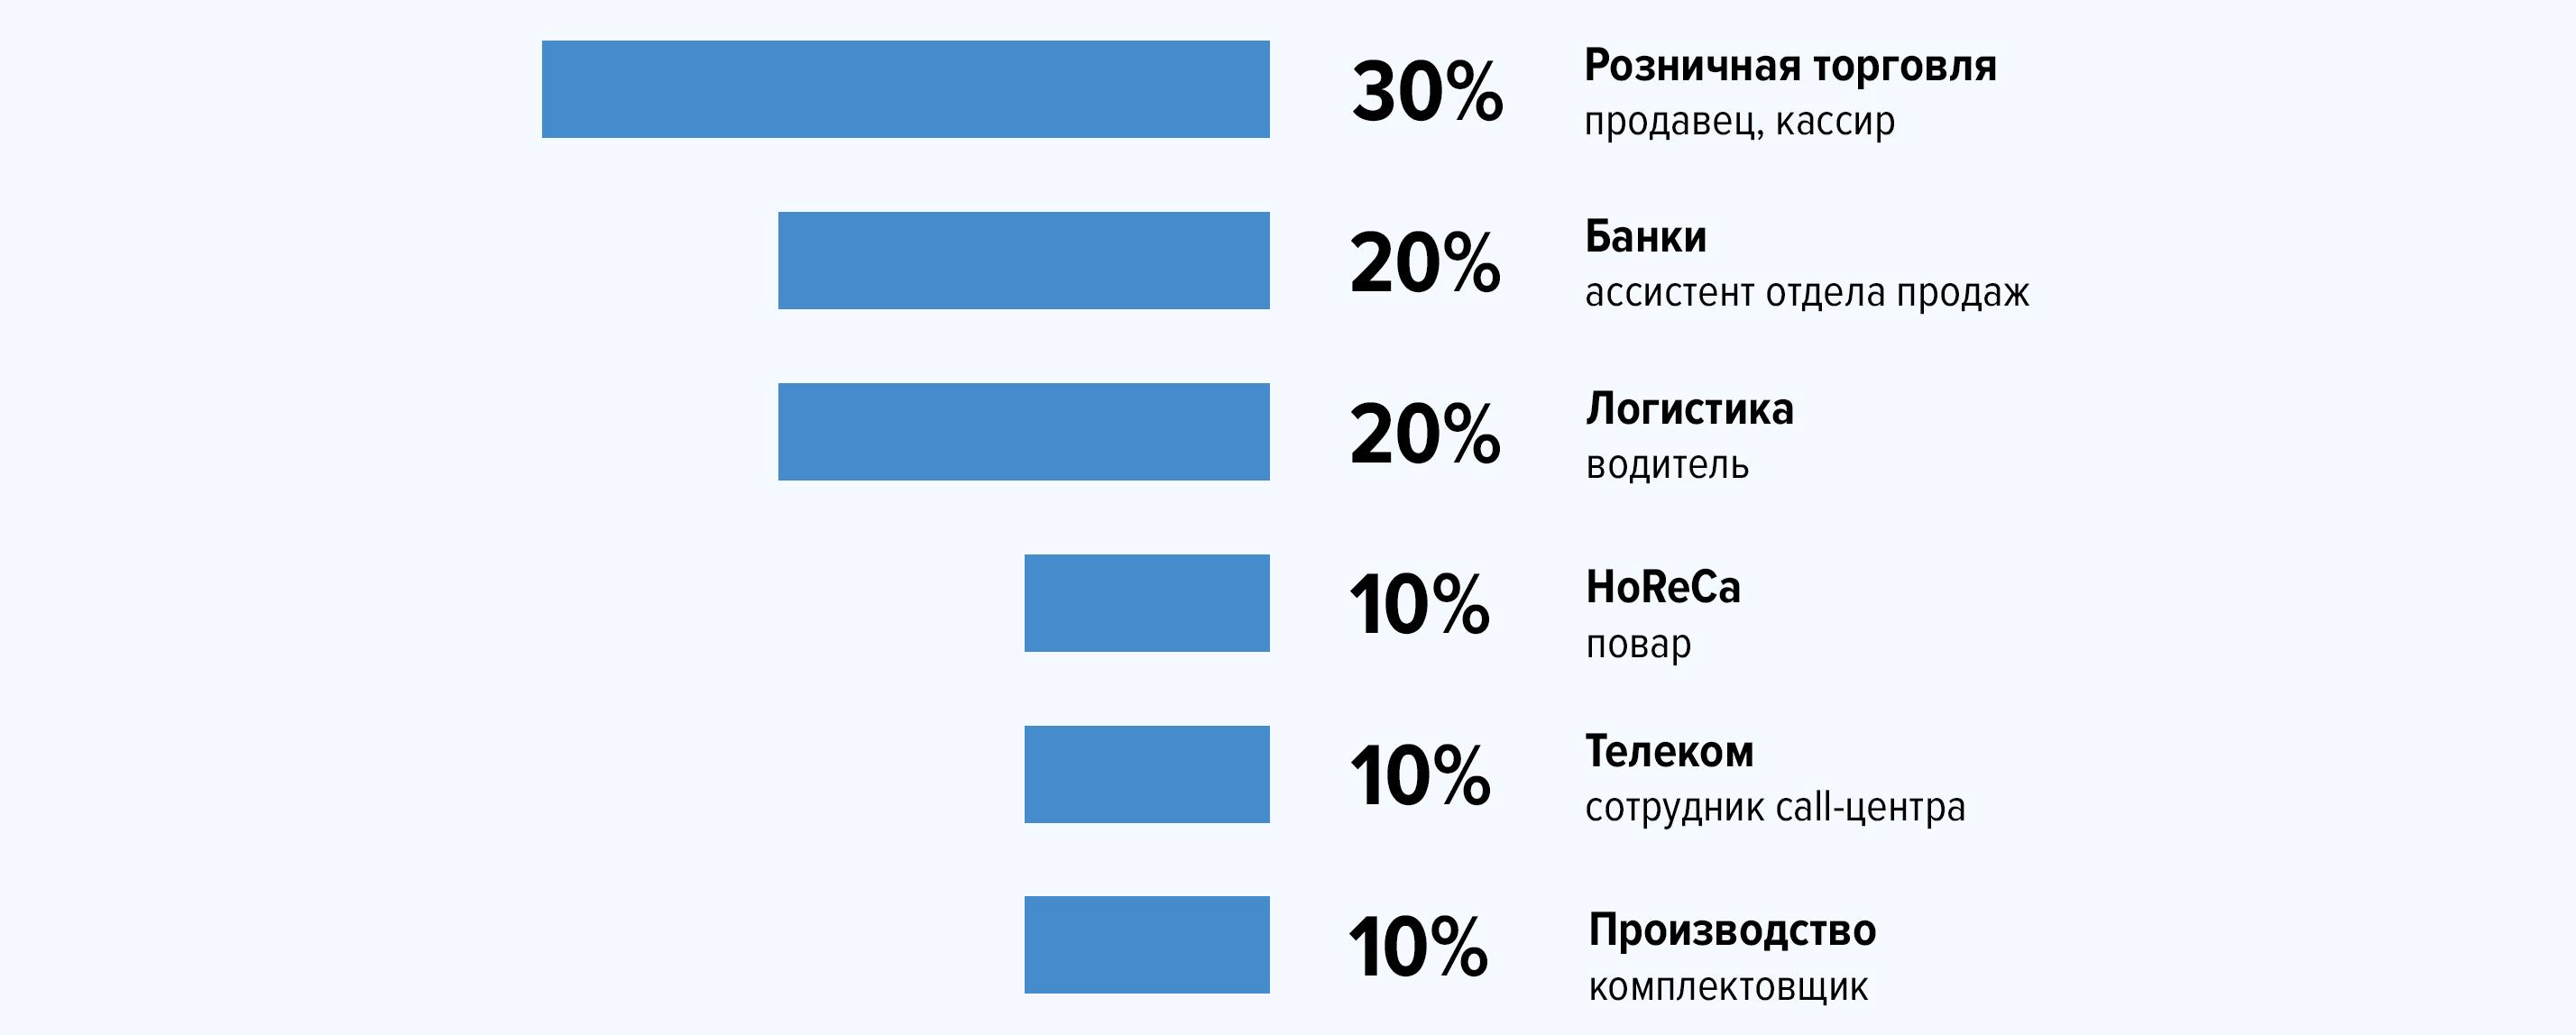 Как работает «Виртуальный рекрутер» от hh.ru — помощник в массовом подборе